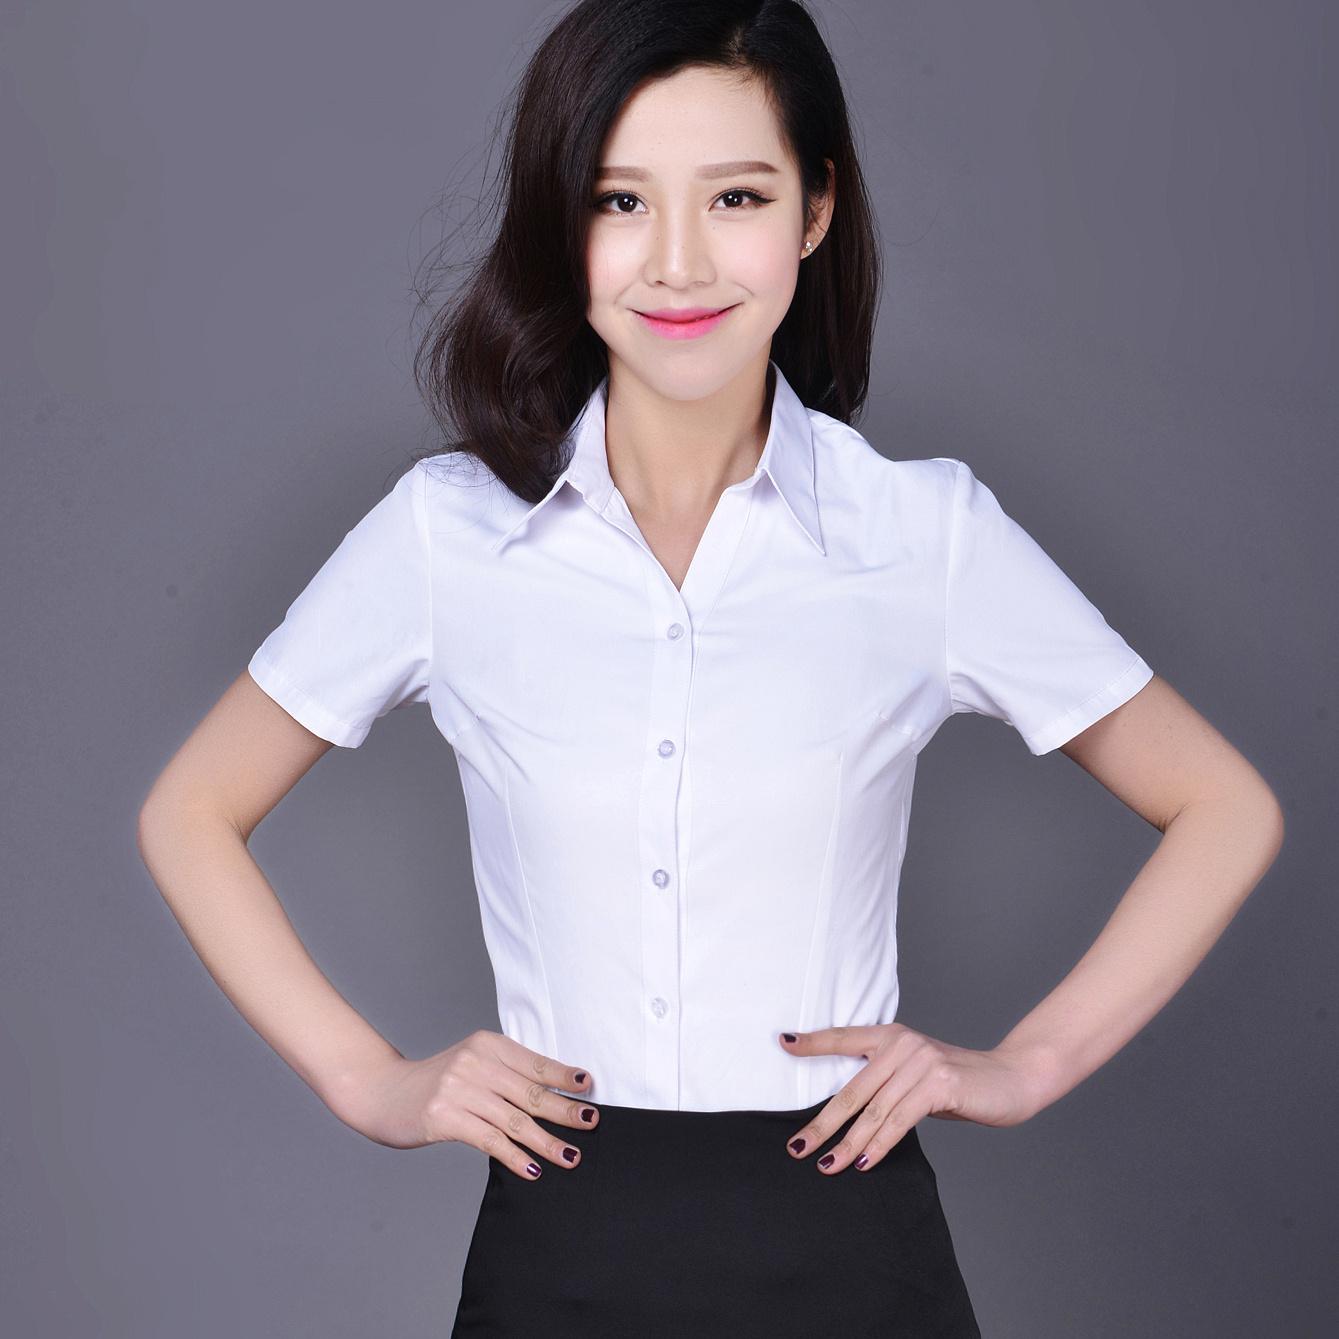 韩版棉白色女衬衫短袖夏装半袖工作服正装工装大码衬衣职业女装ol